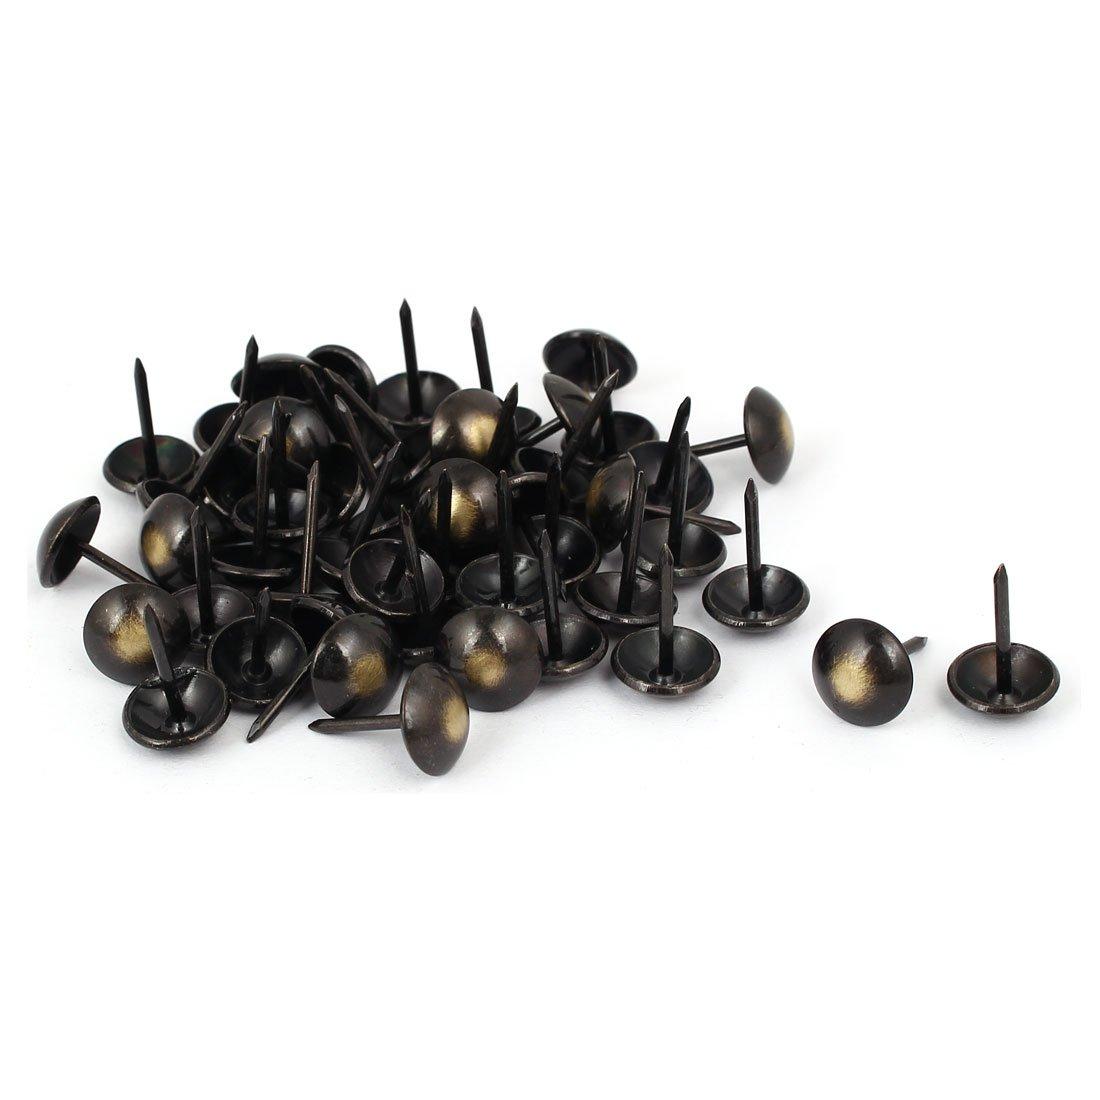 sourcingmap® Tête de 7/16' de diamètre 17mm Hauteur Sellerie Sellerie Punaise clou ton bronze Noir 50pcs sourcing map a16090900ux0846